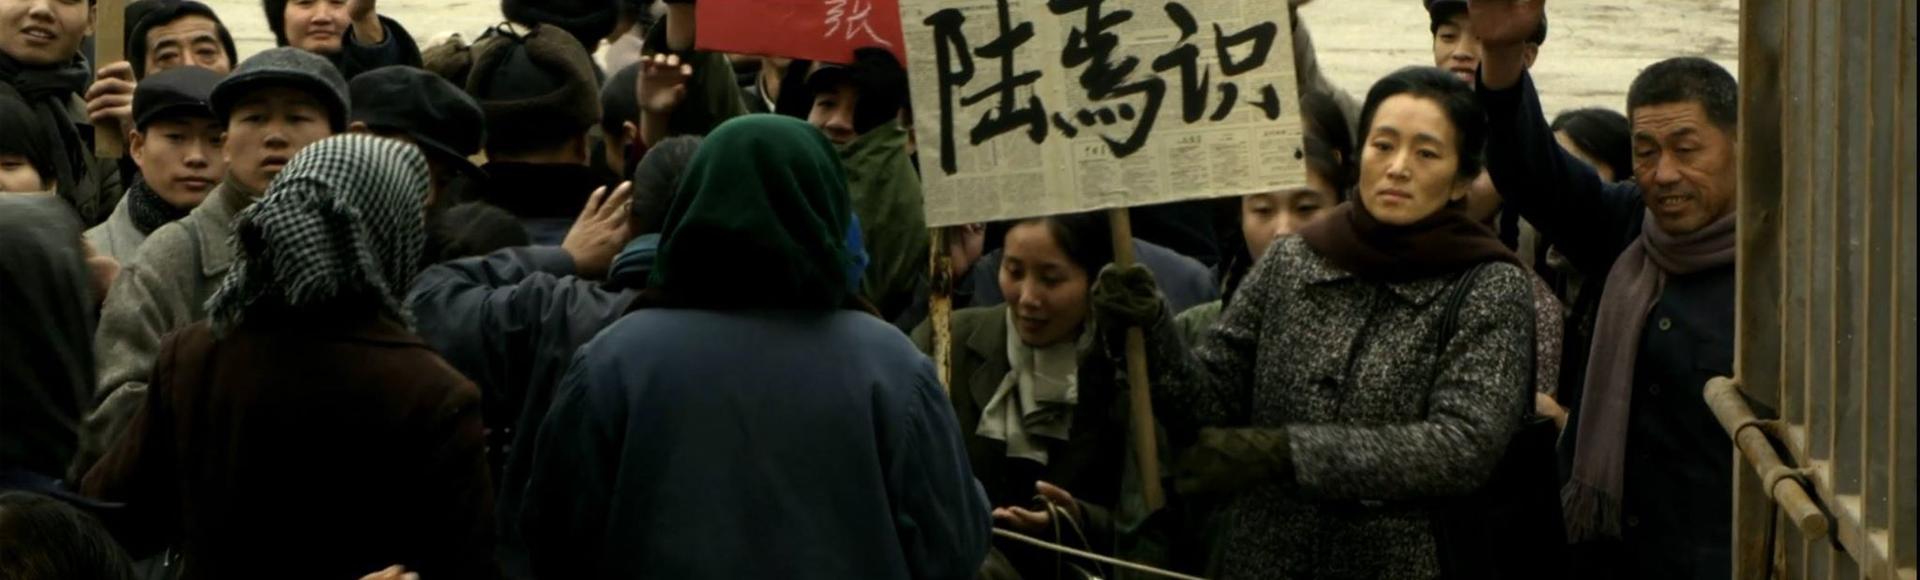 Zhang Yimou - Coming Home